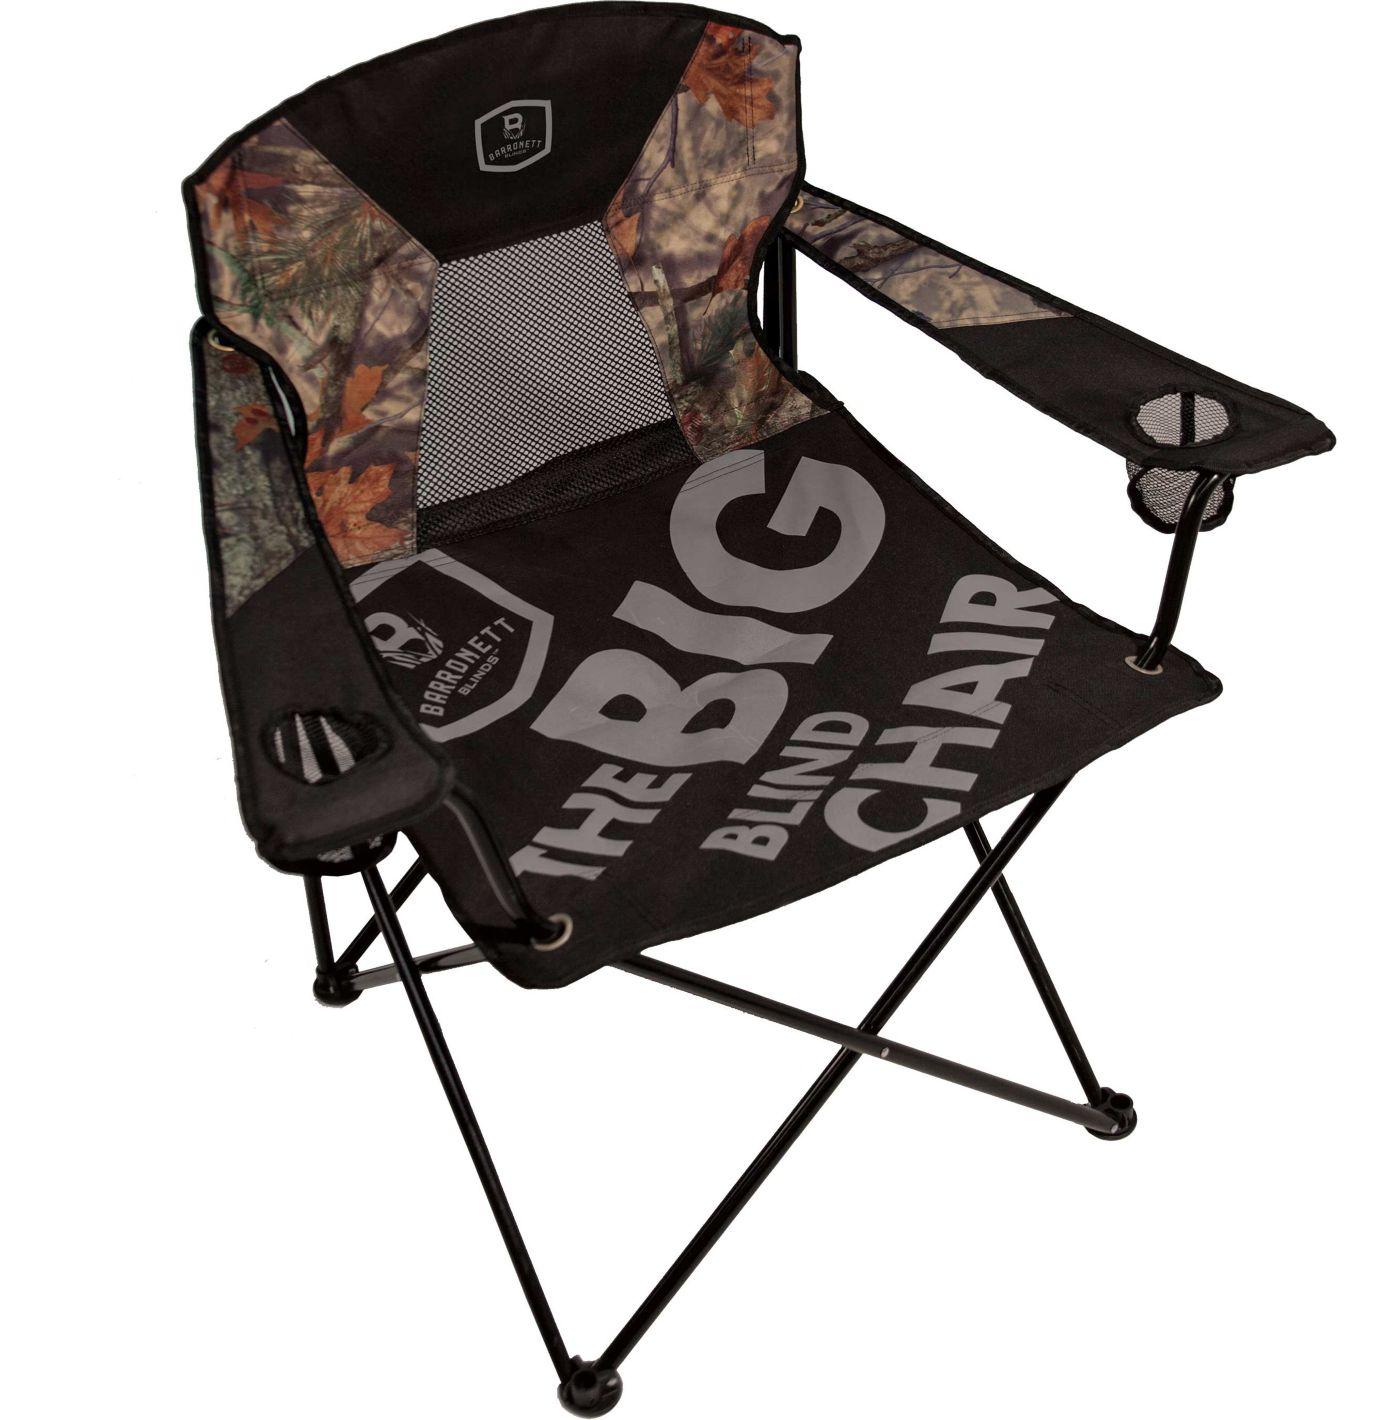 Barronett Blinds Big Blind Chair